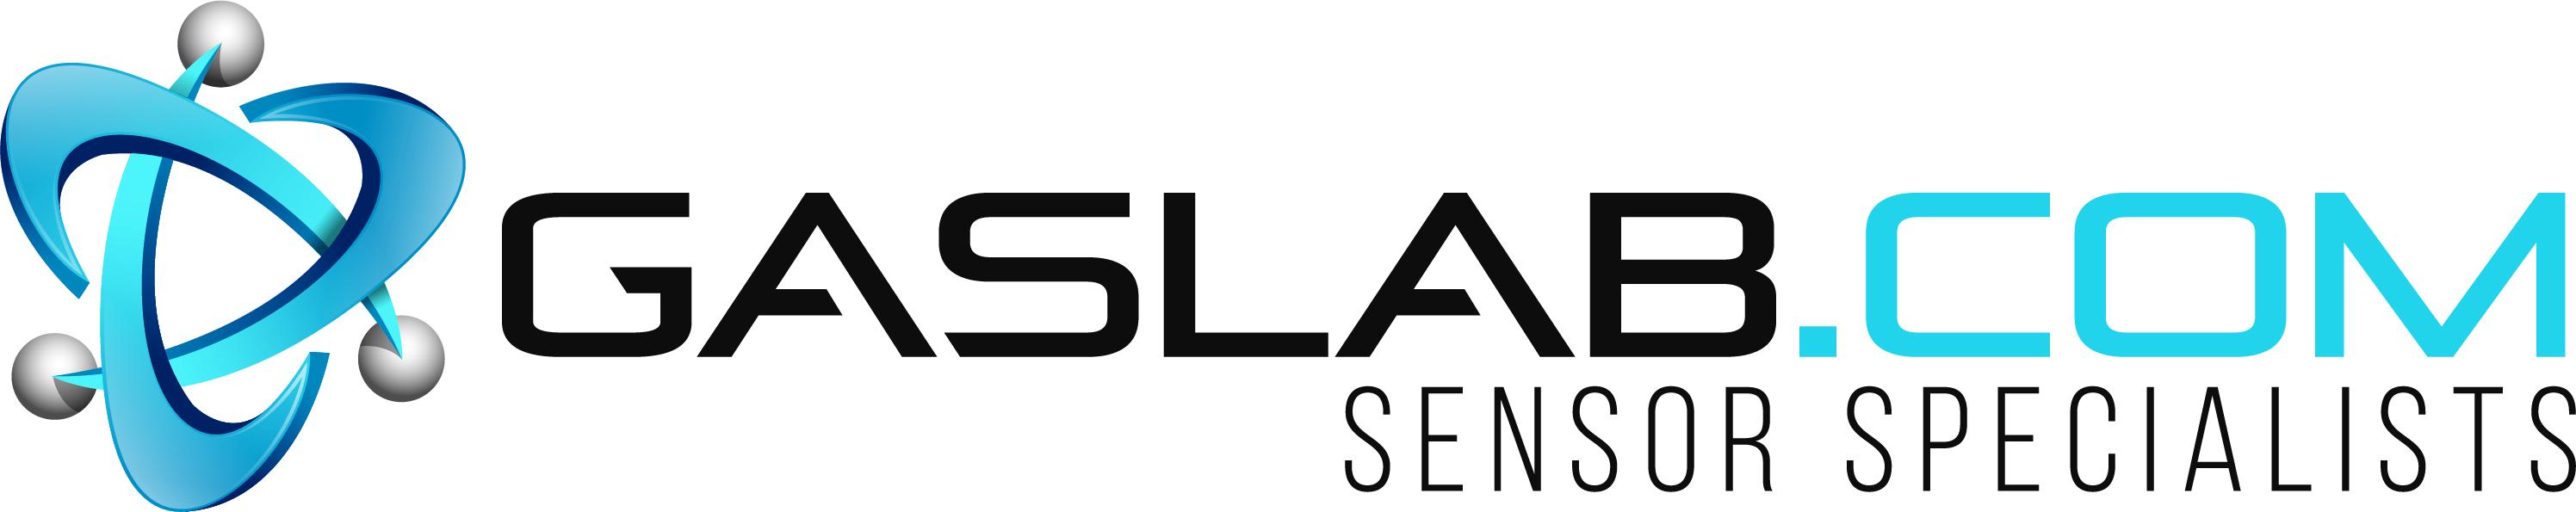 Gaslab Vertriebspartner von TexSense